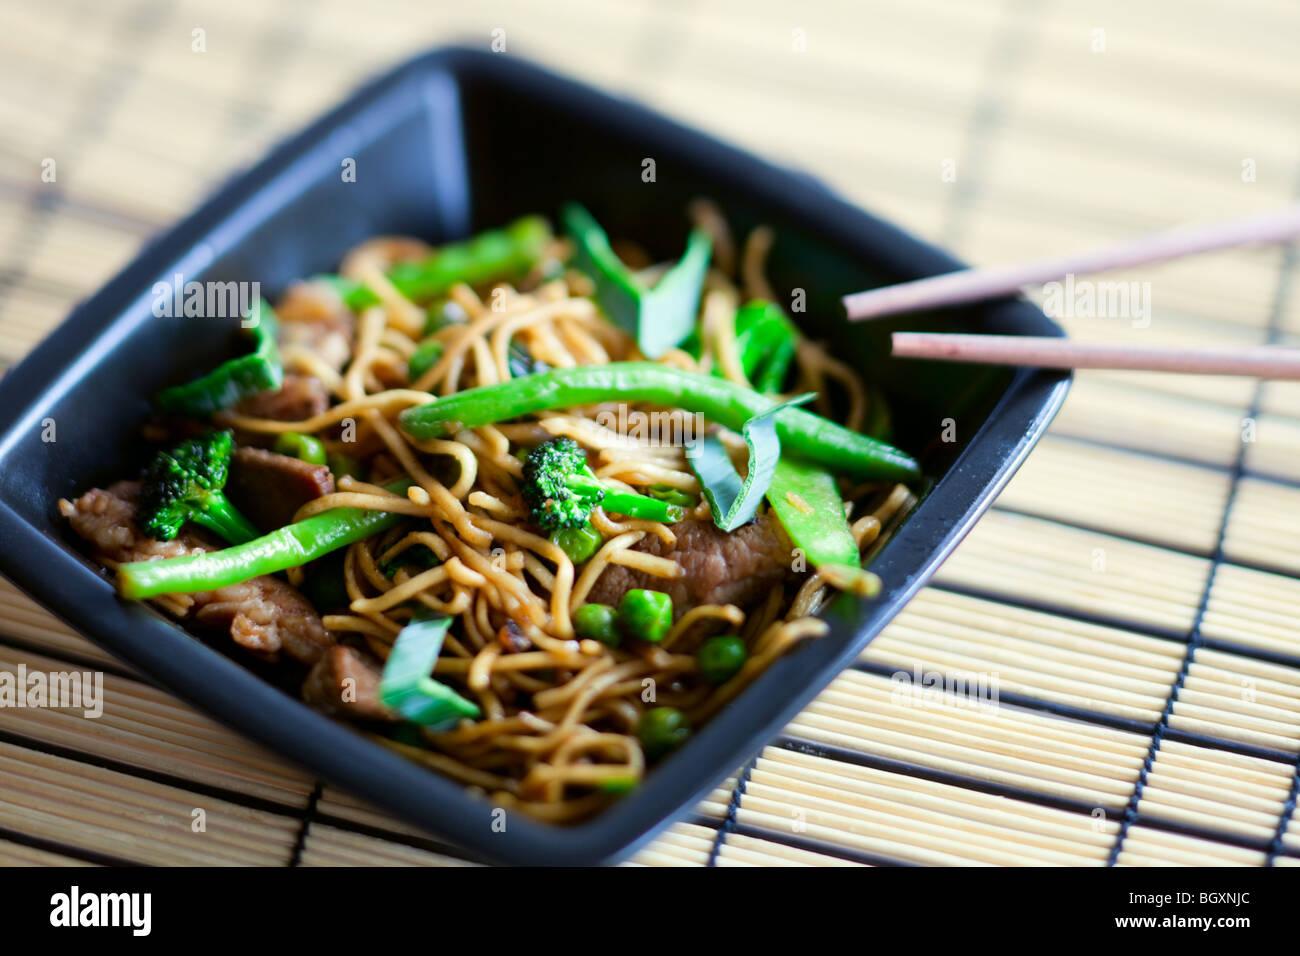 De délicieux plats de viande wok Photo Stock